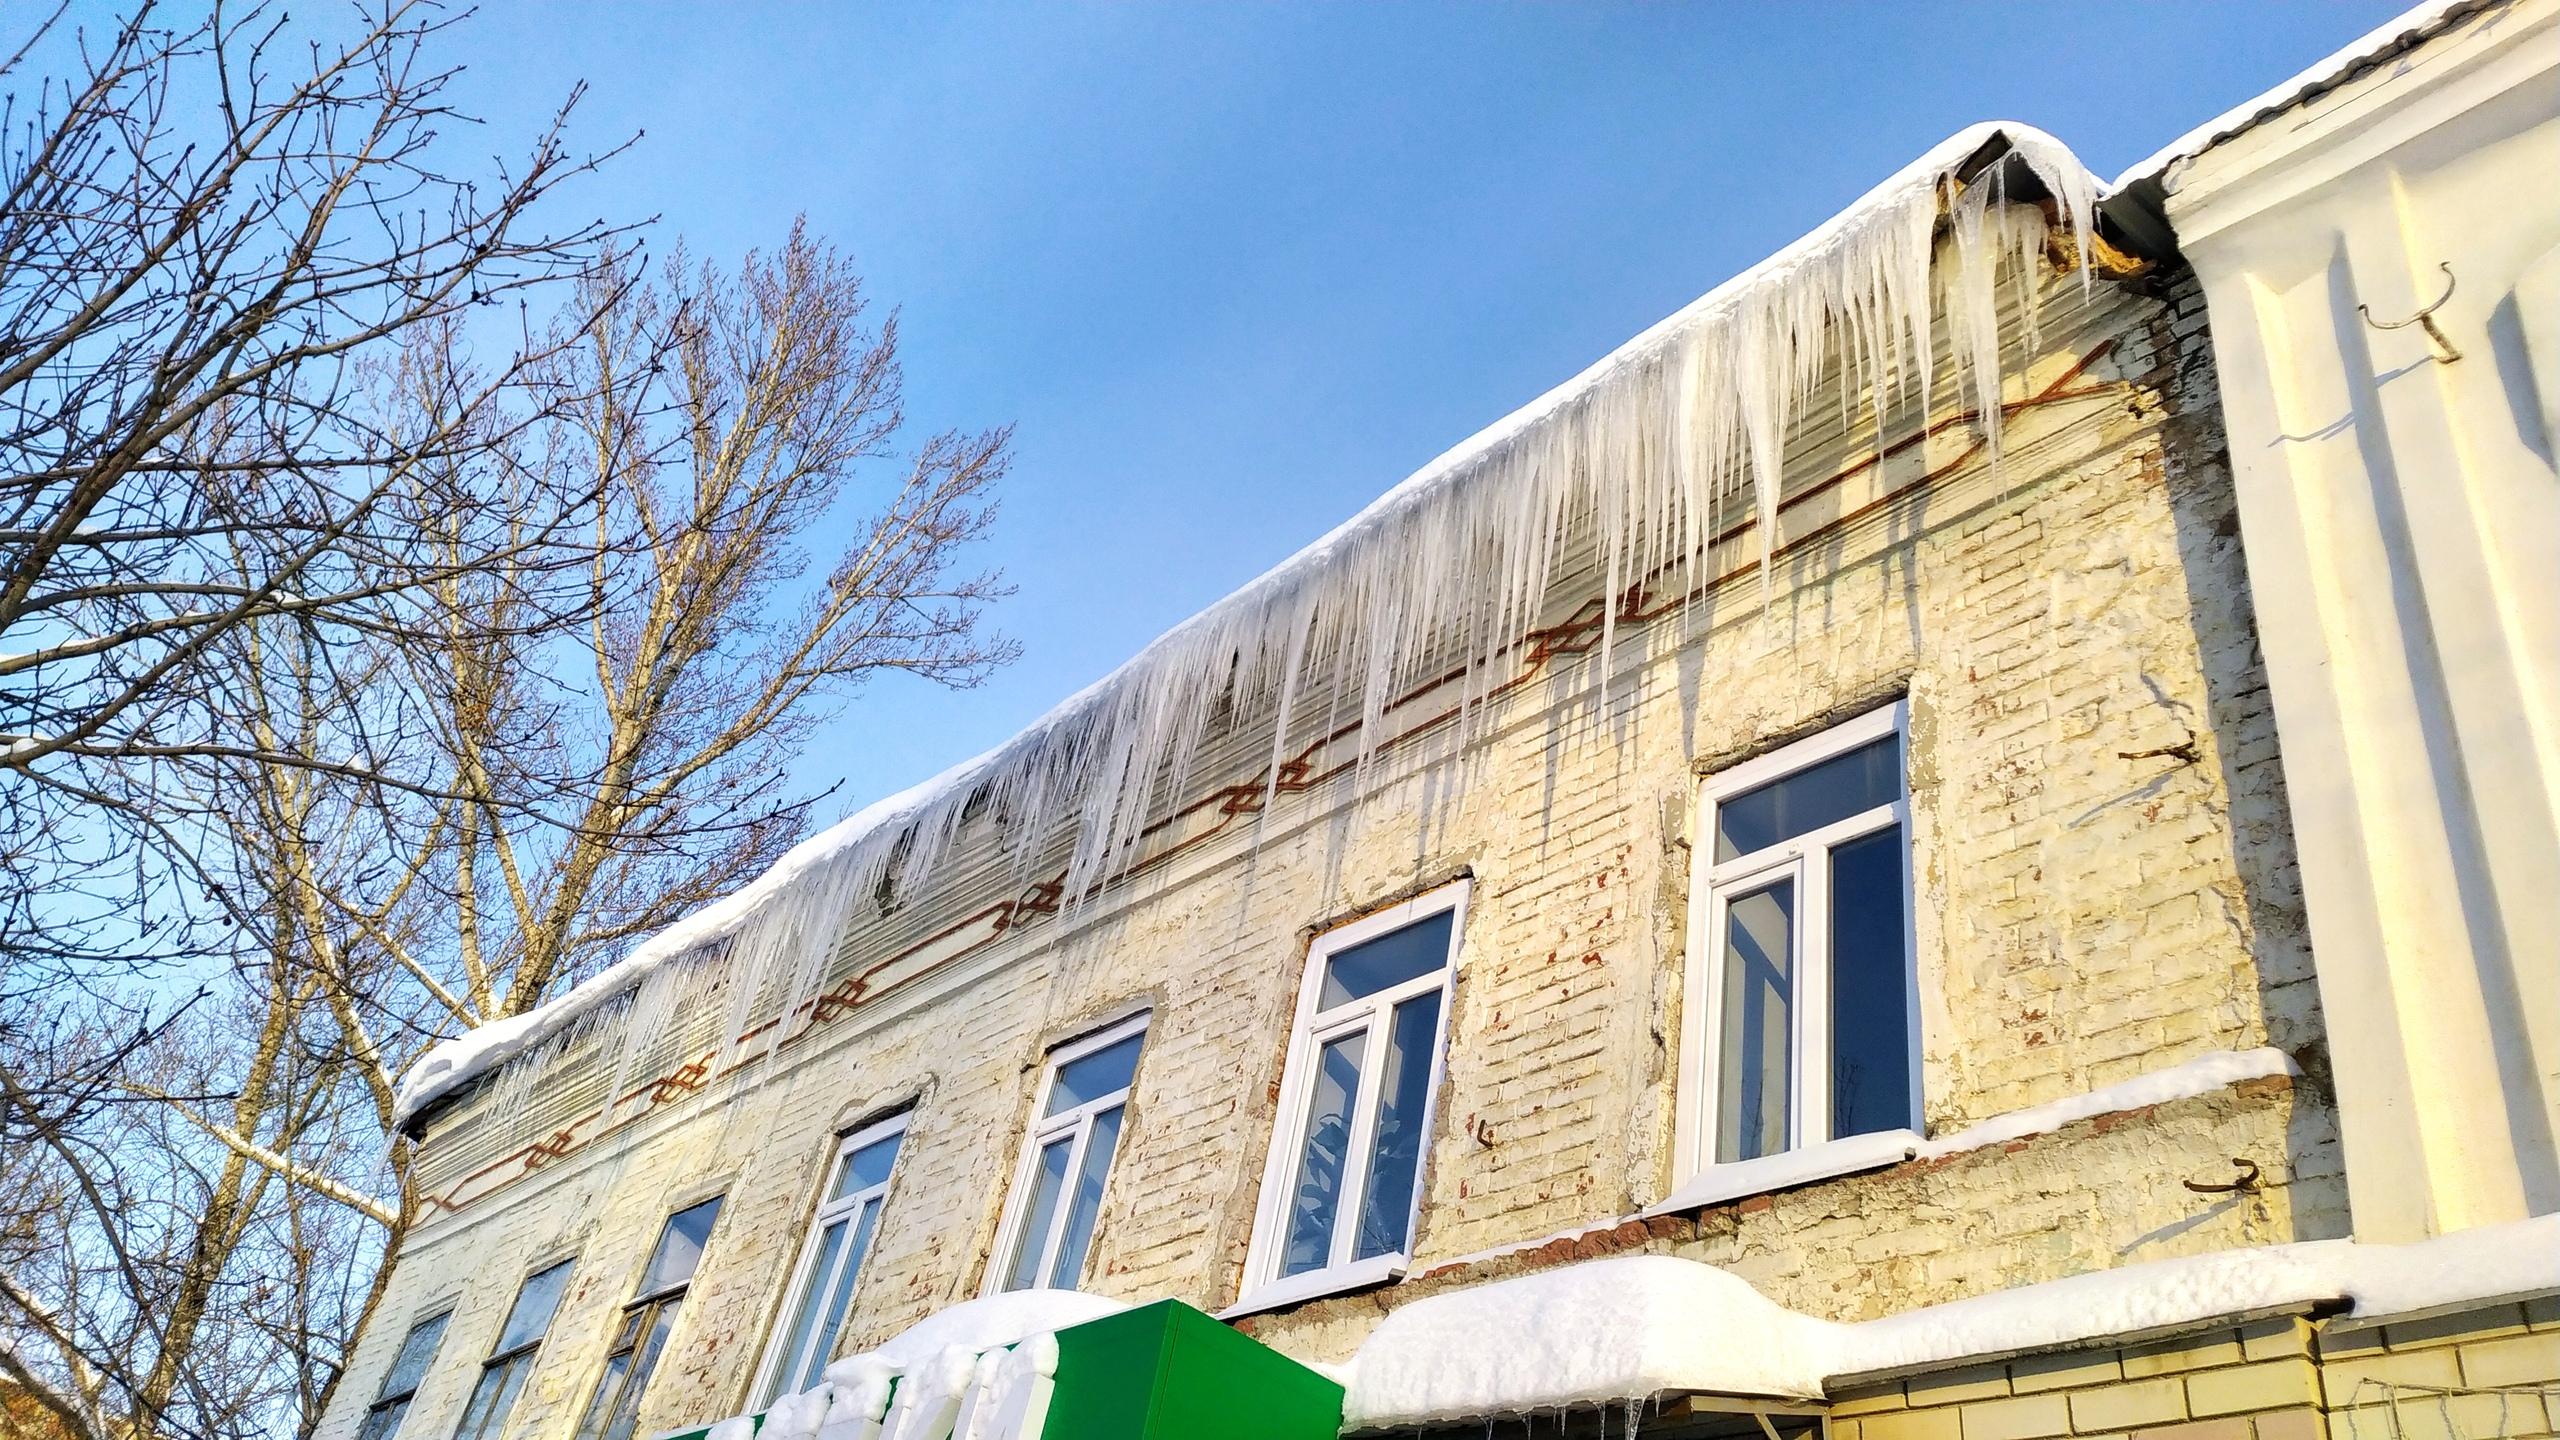 Региональное управление МЧС предупреждает: будьте осторожны, в период предстоящего потепления могут образовываться сосульки